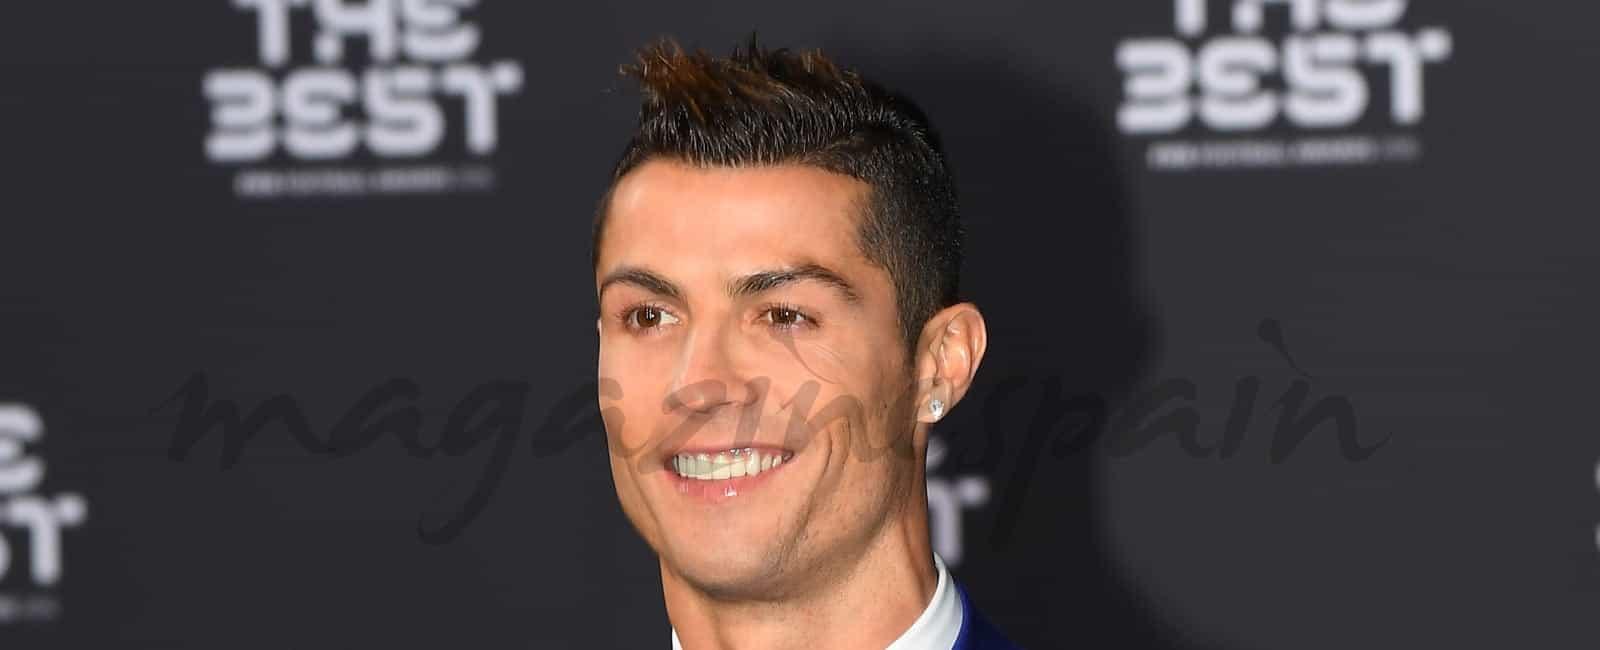 Cristiano Ronaldo, «The Best», posa por primera vez con su novia Georgina Rodríguez